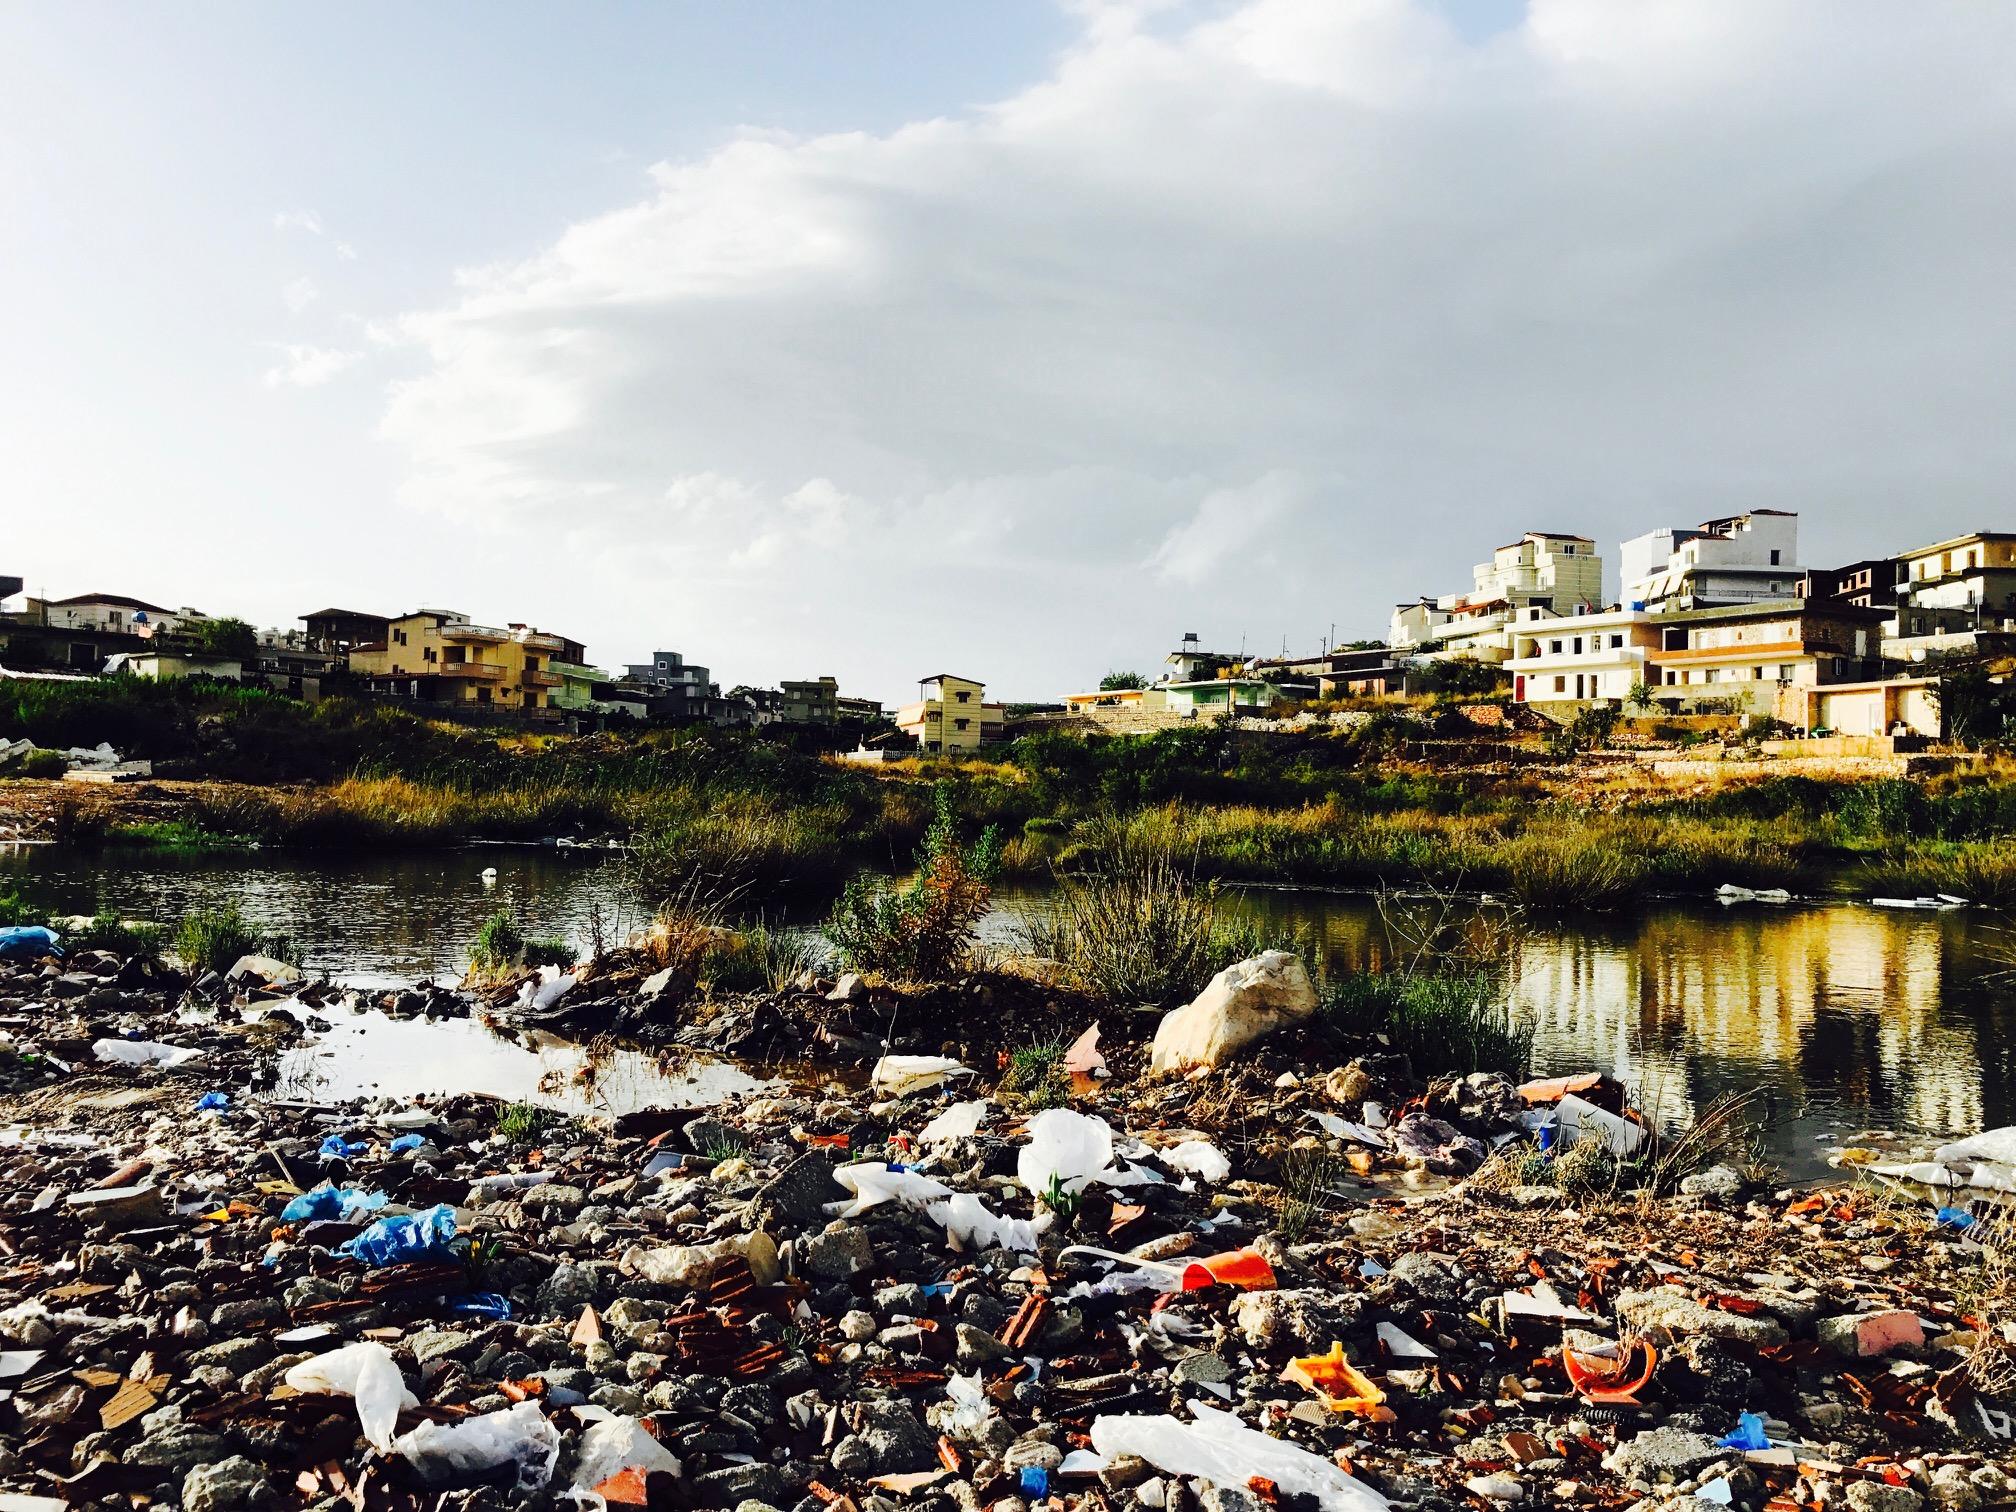 Blick auf eine Müllhalde im Hinterland bei Ksamil